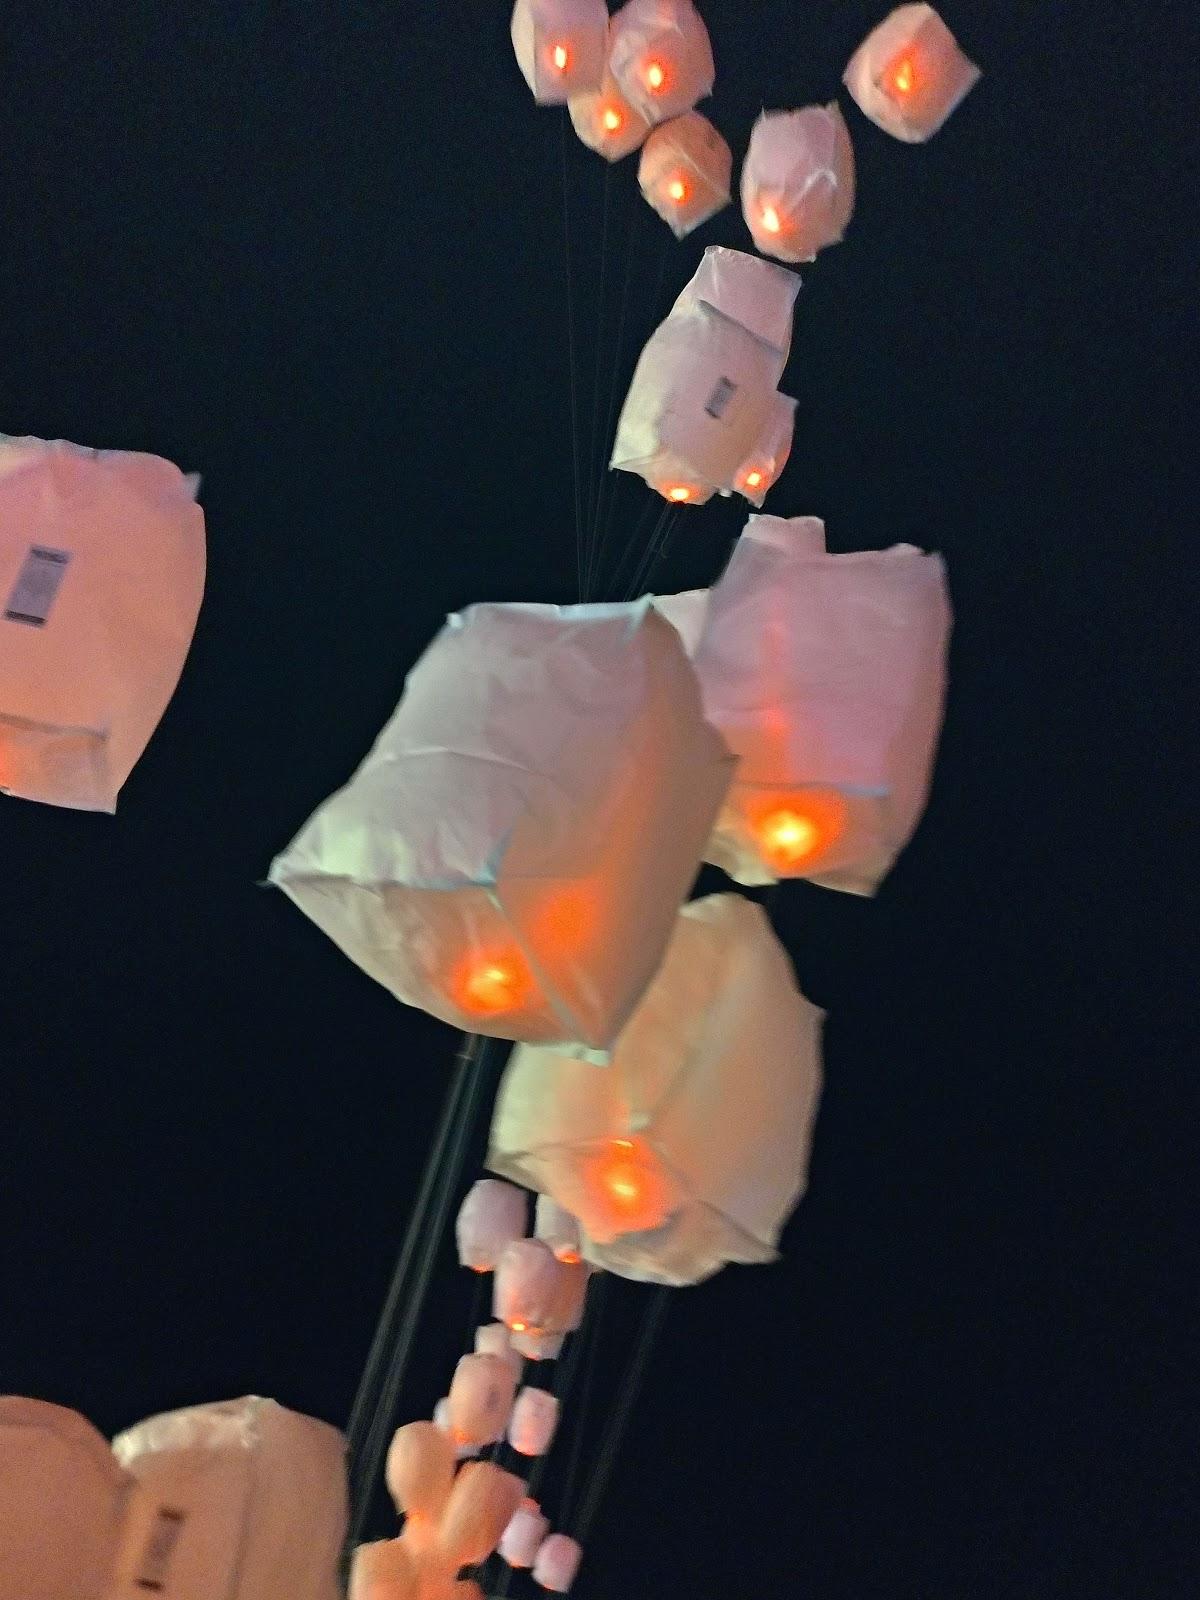 はじめてのスカイランタン体験!2019年長崎ランタンフェスティバル